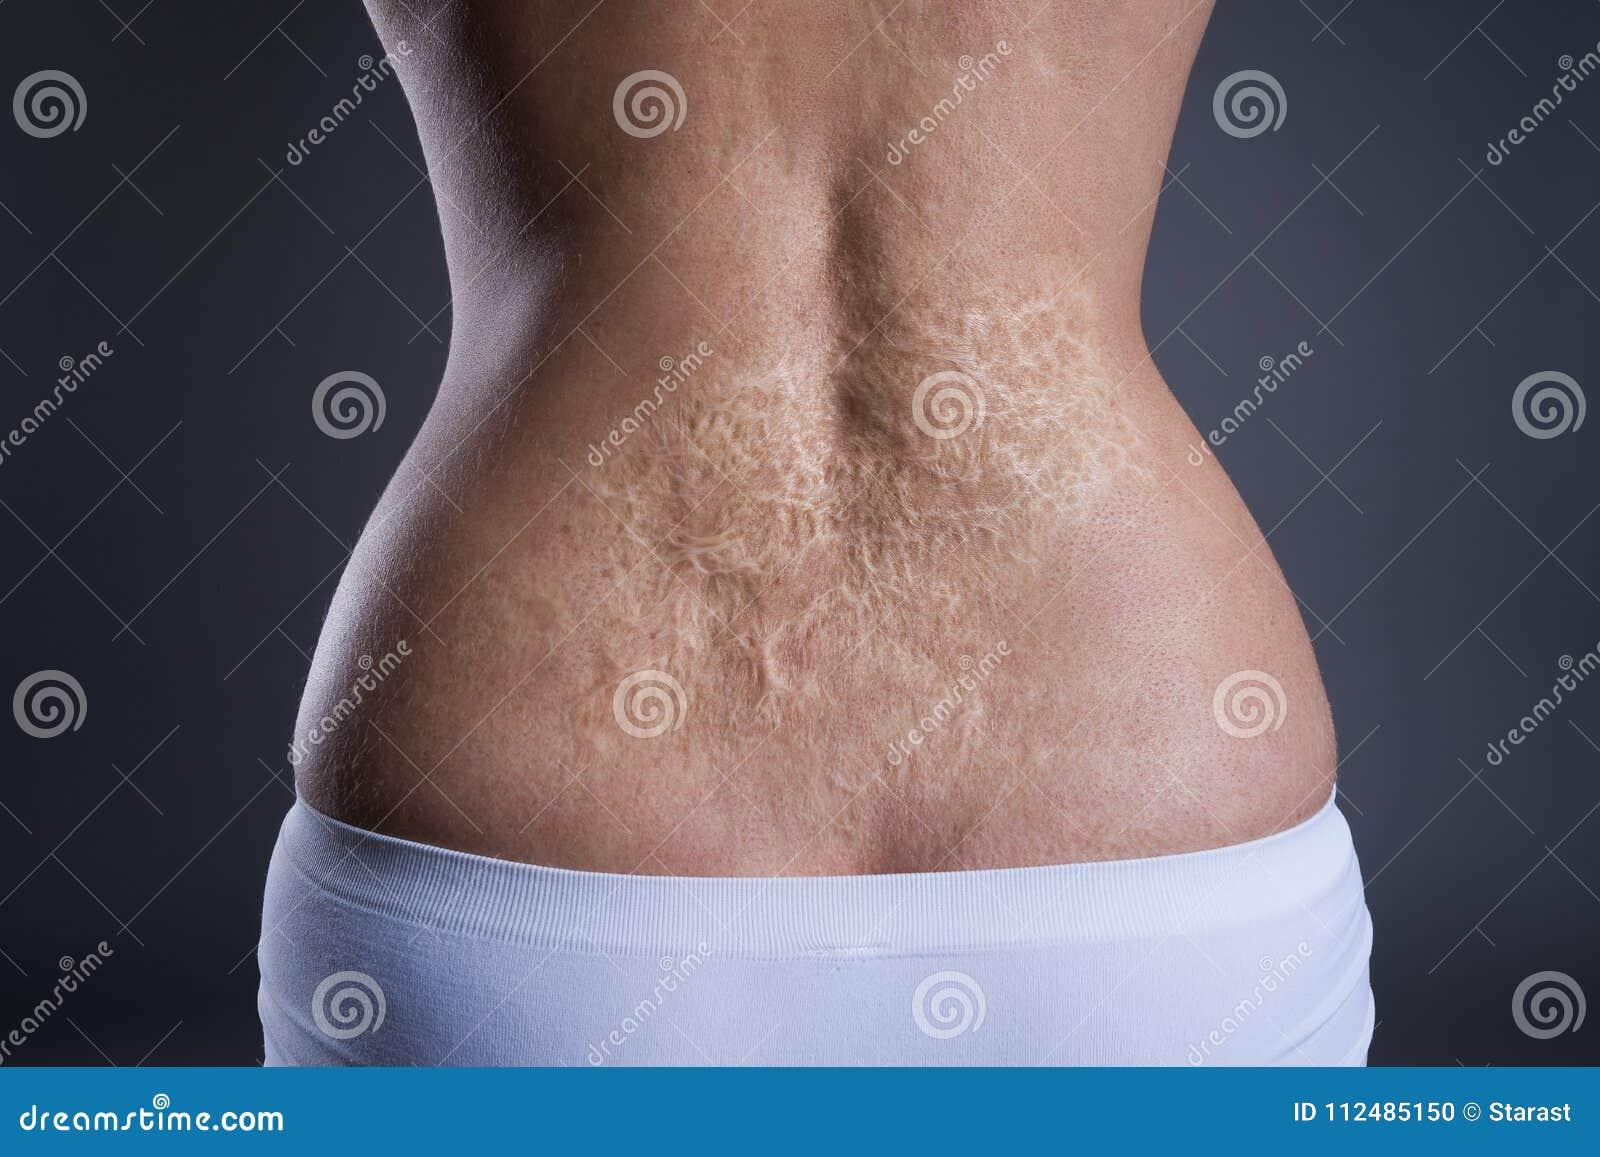 Kobieta z wielką blizną po oparzenie na plecy